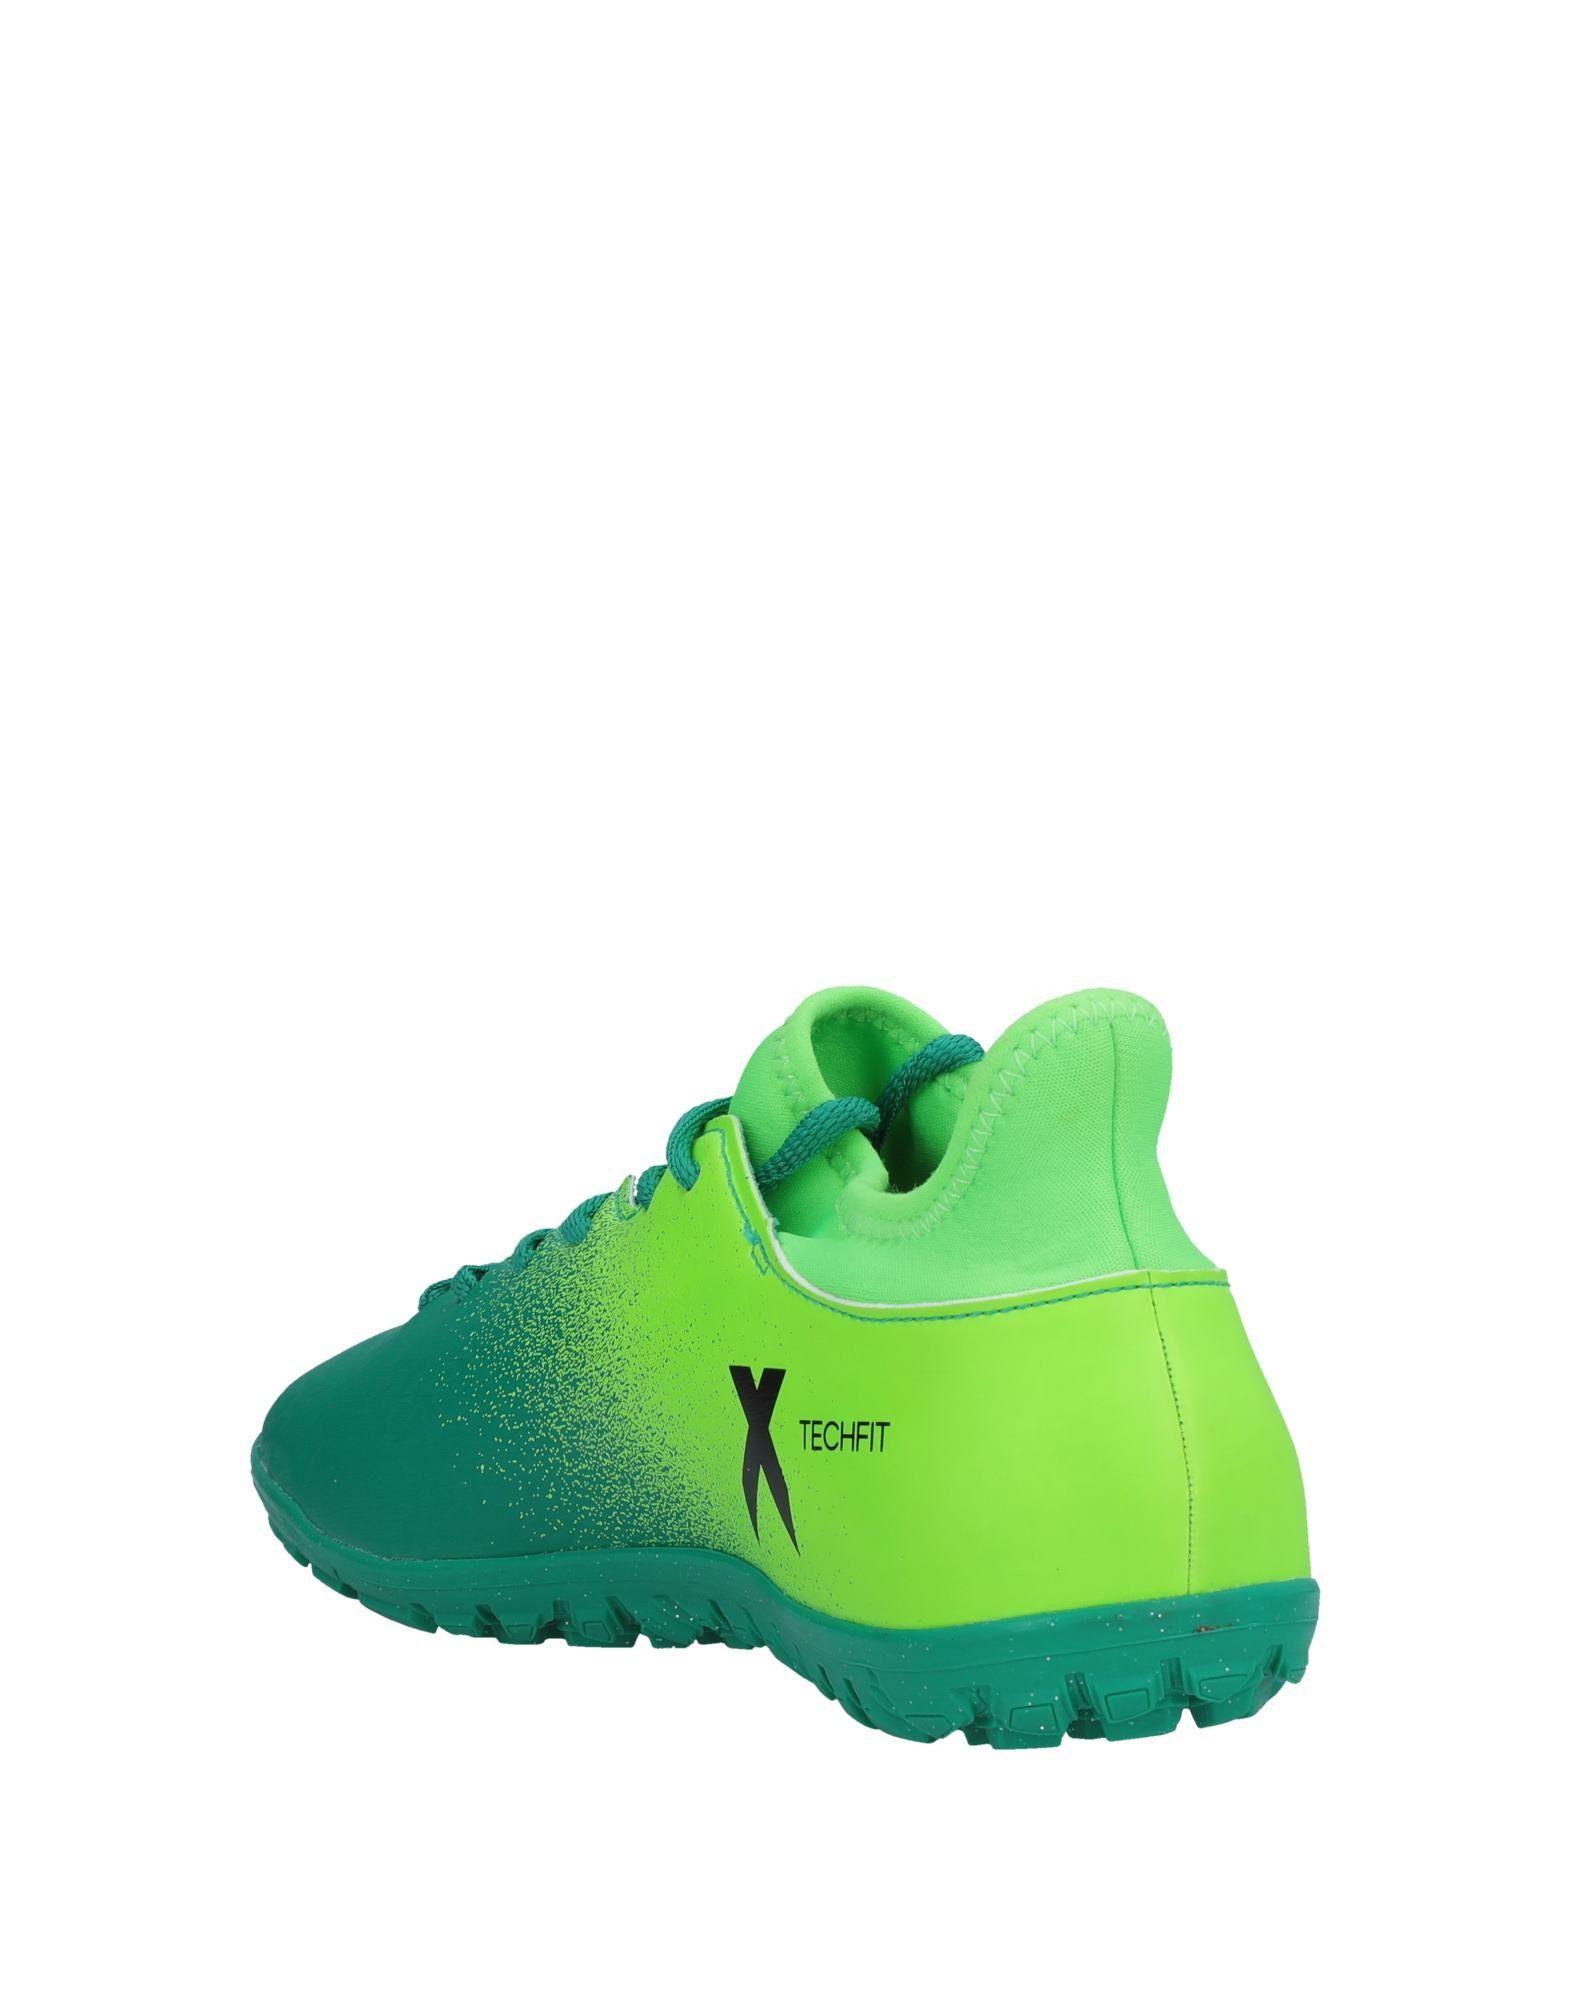 Rabatt echte Schuhe Herren Adidas Sneakers Herren Schuhe  11529374XG 0c96a9